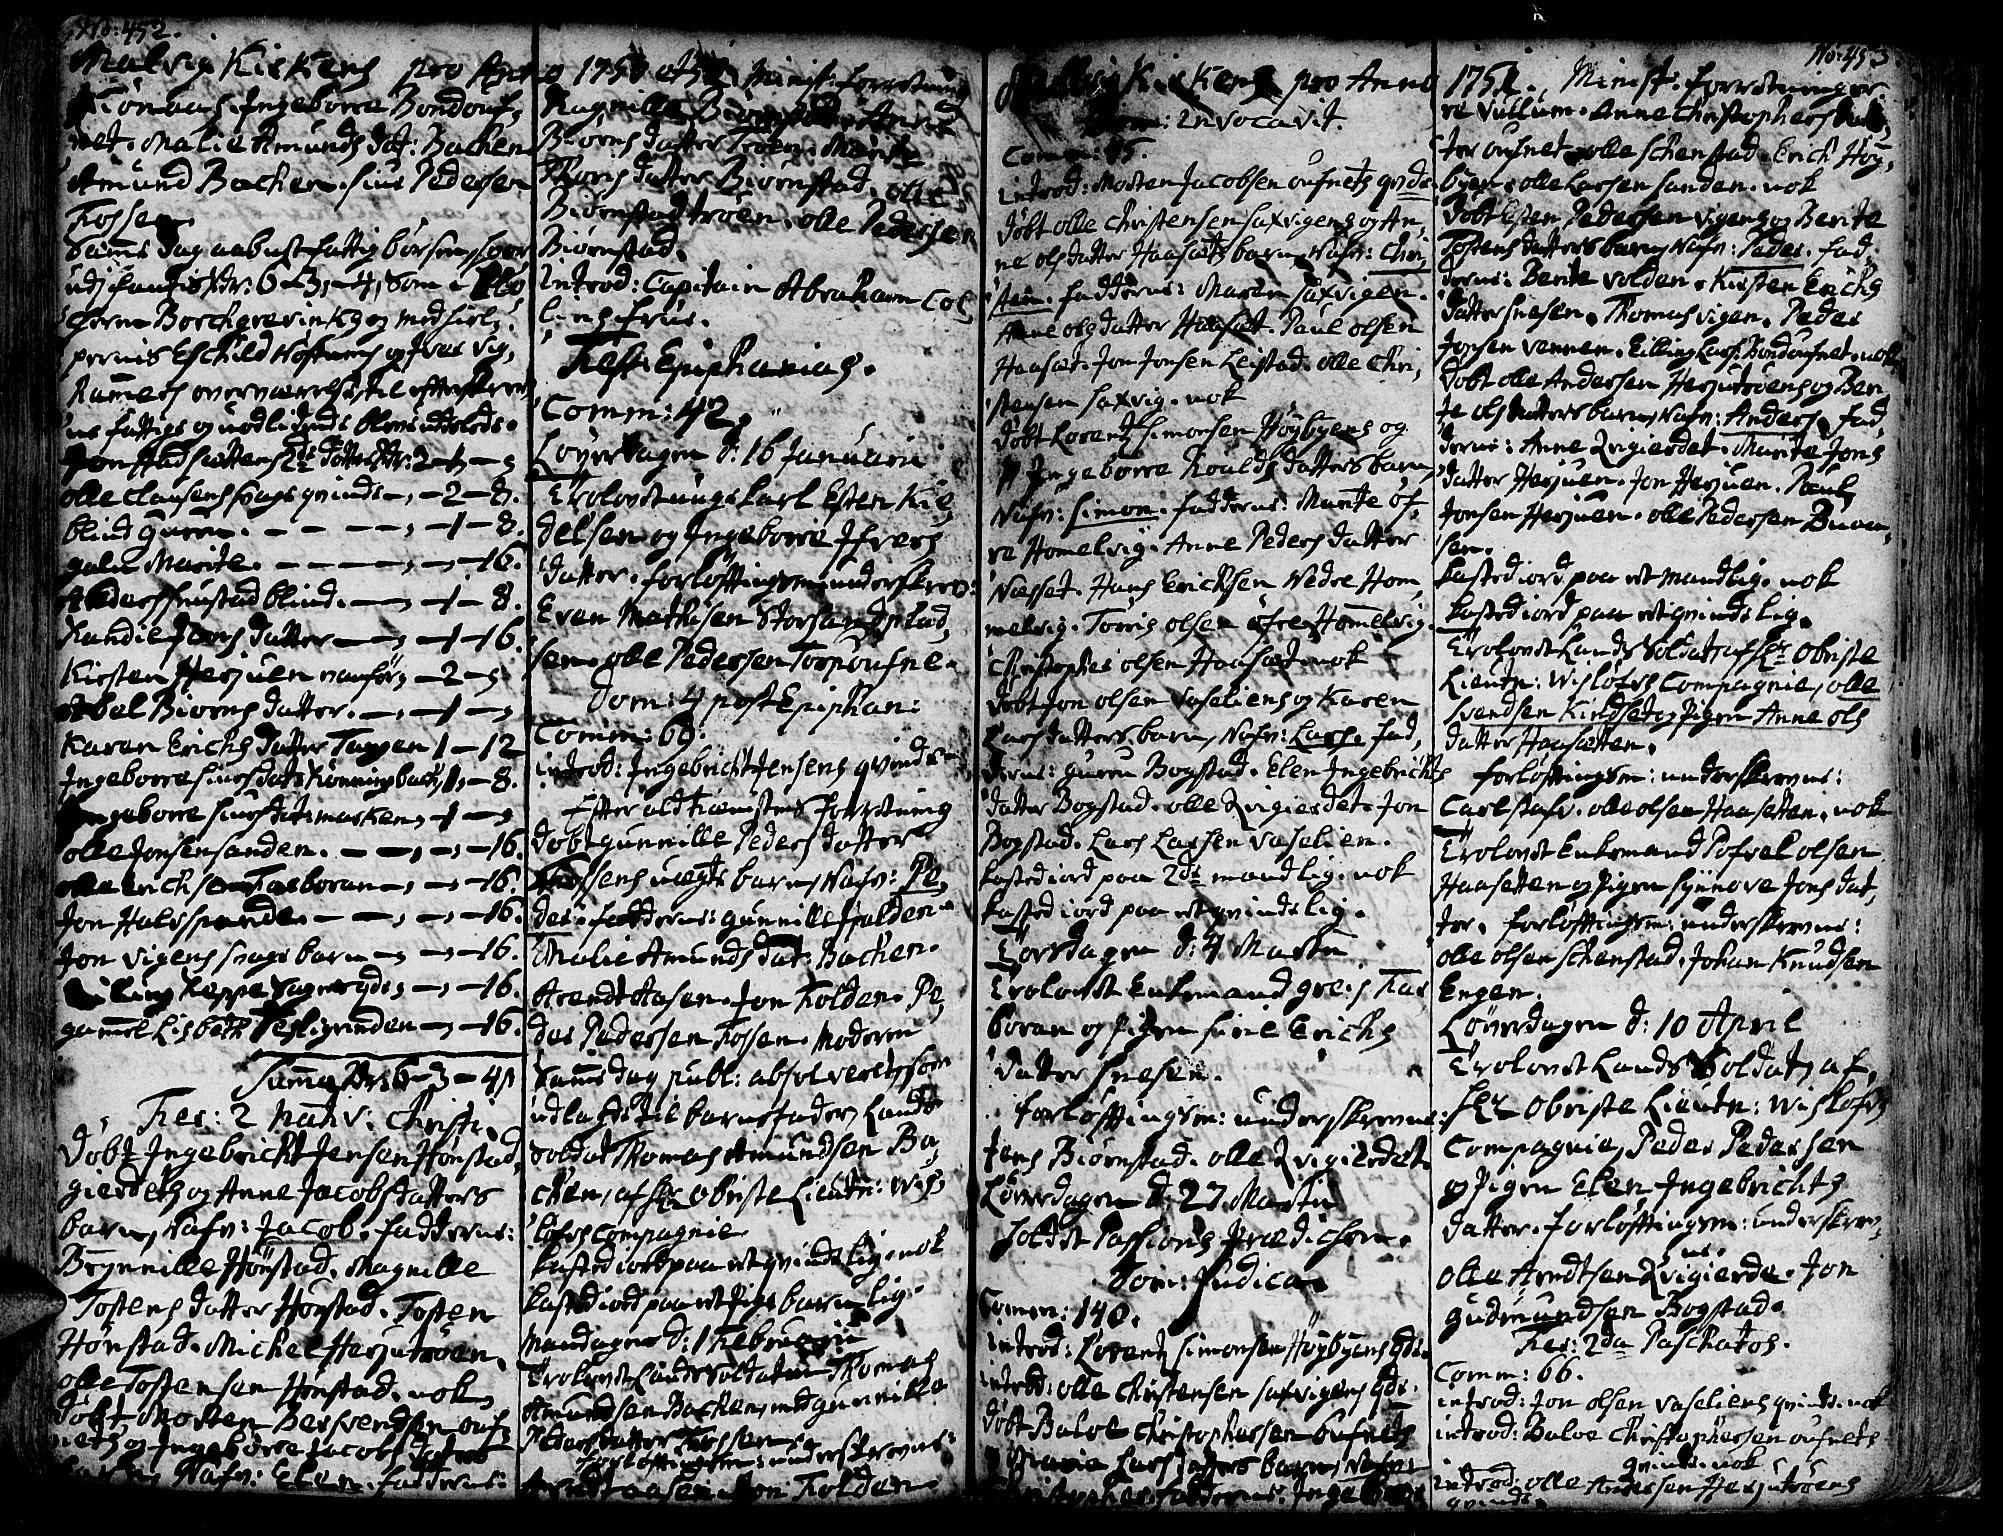 SAT, Ministerialprotokoller, klokkerbøker og fødselsregistre - Sør-Trøndelag, 606/L0277: Ministerialbok nr. 606A01 /3, 1727-1780, s. 452-453